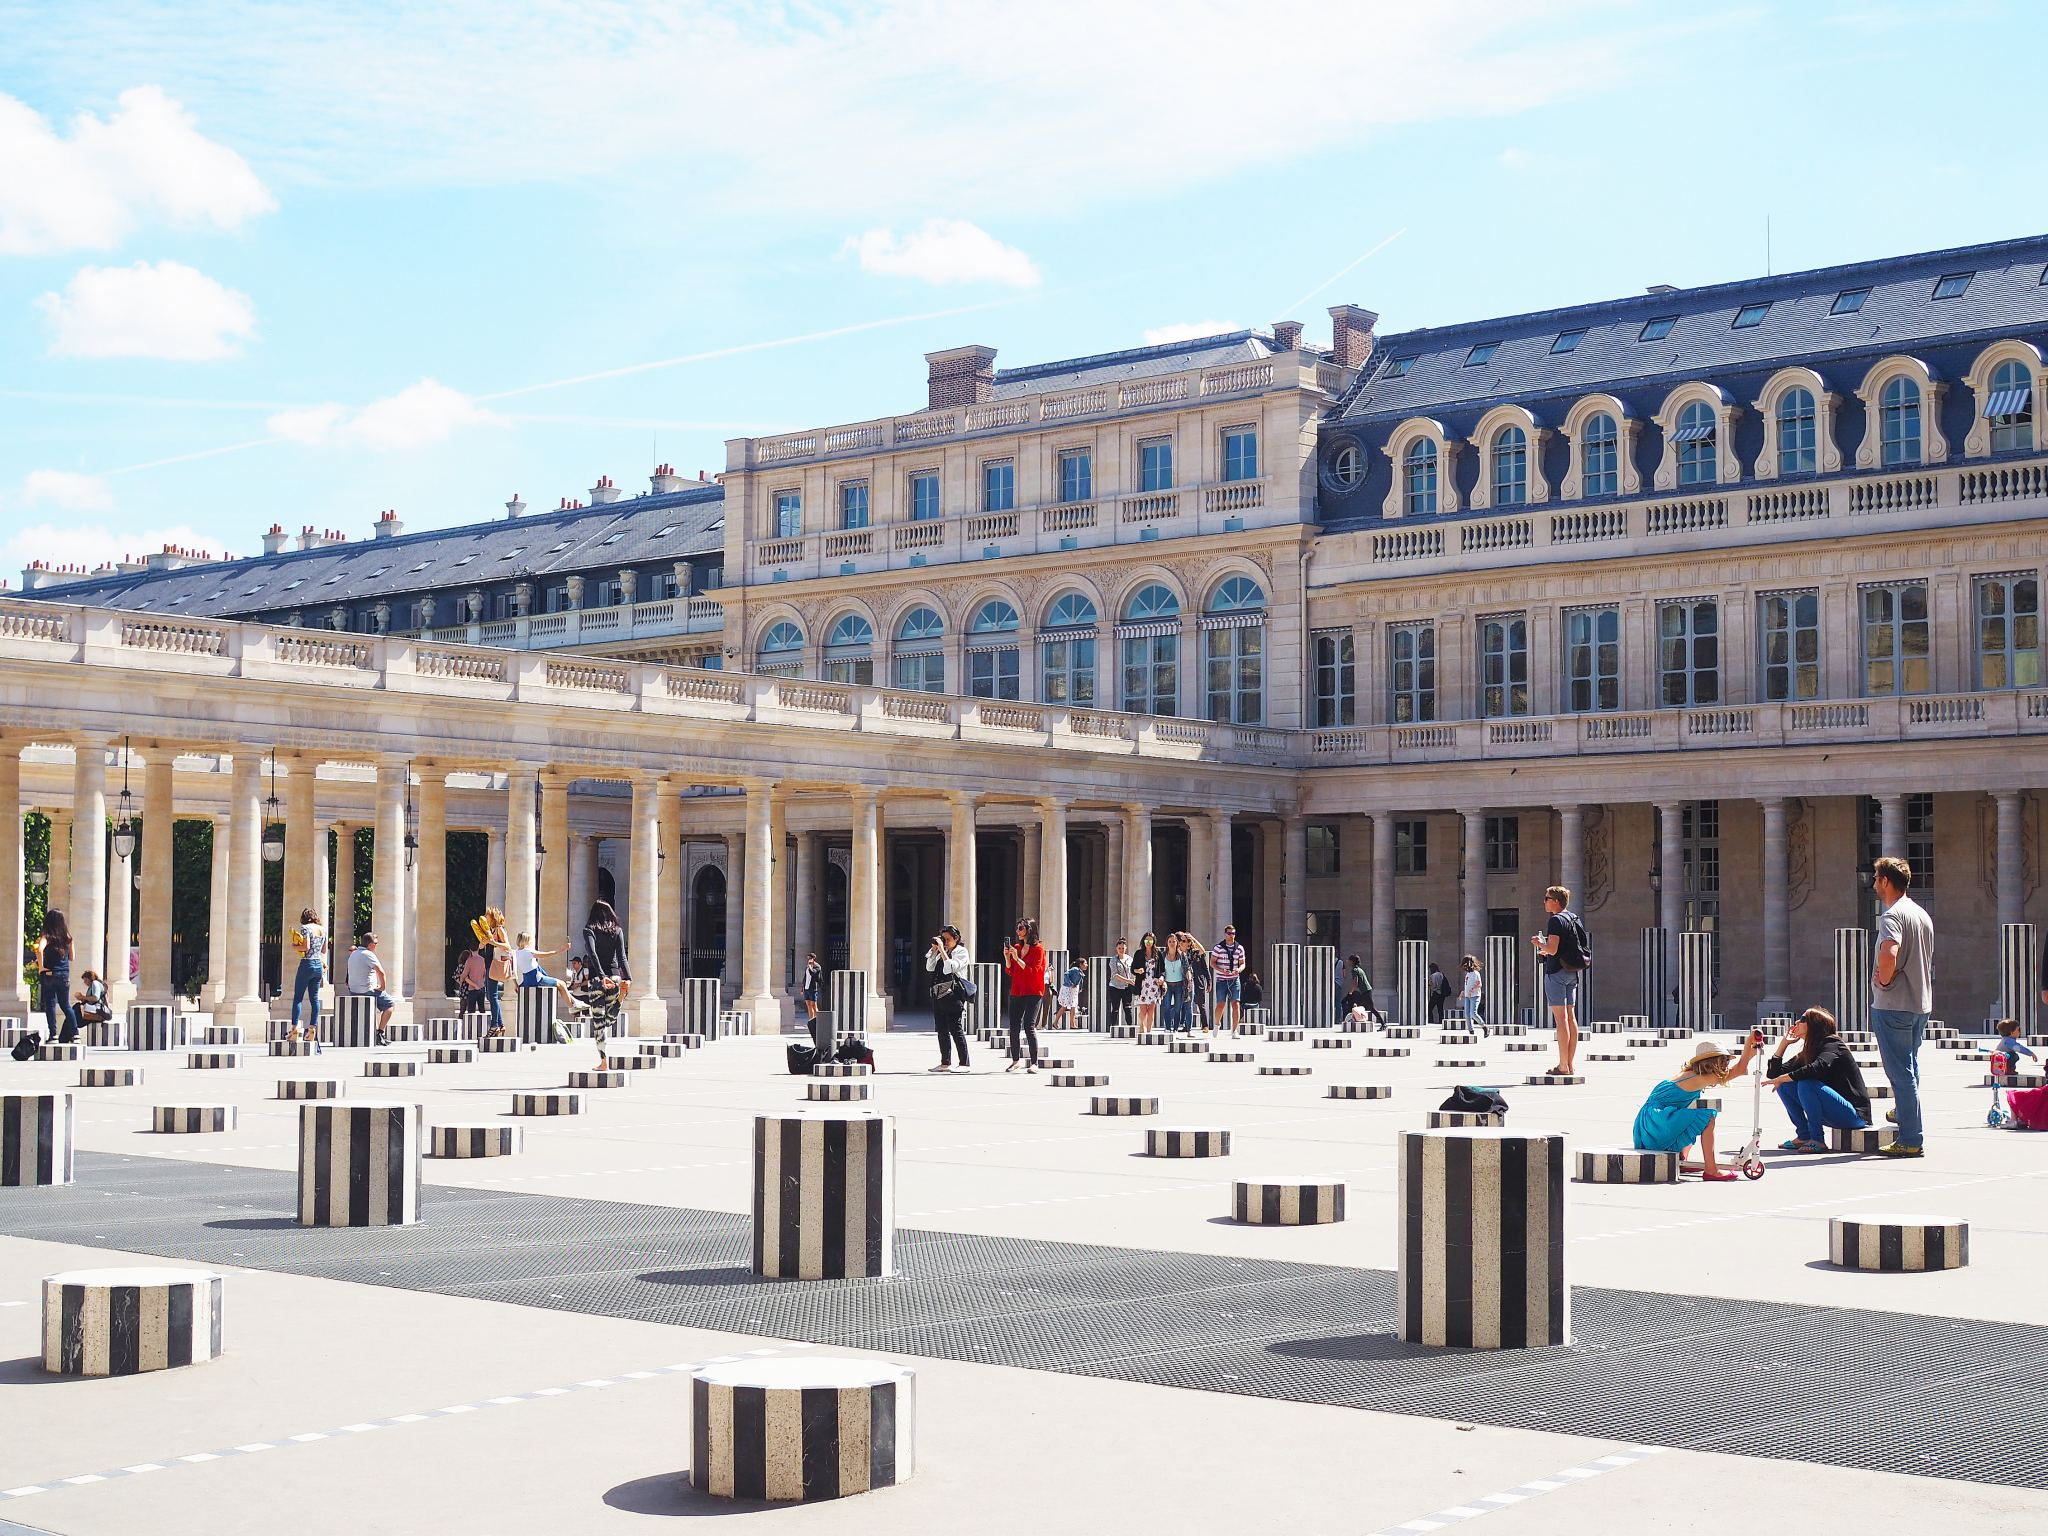 Daniel Buren's striped column artwork, Paris